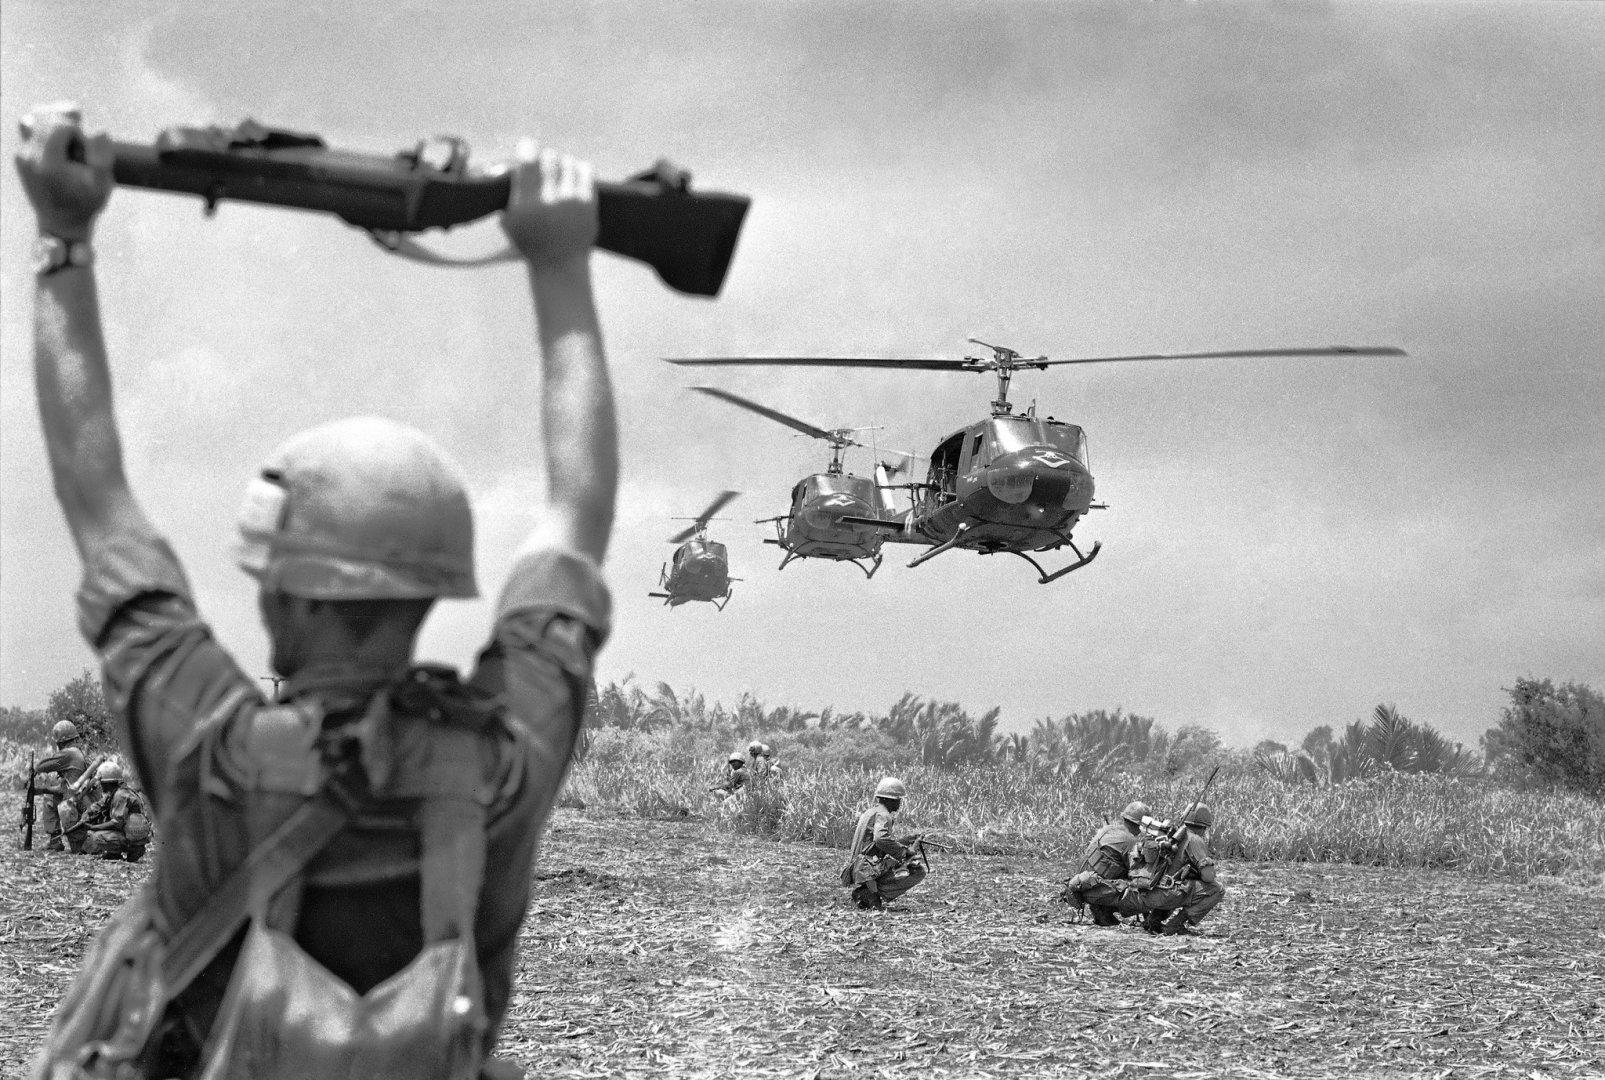 vietnam-war-wallpaper-4.jpg